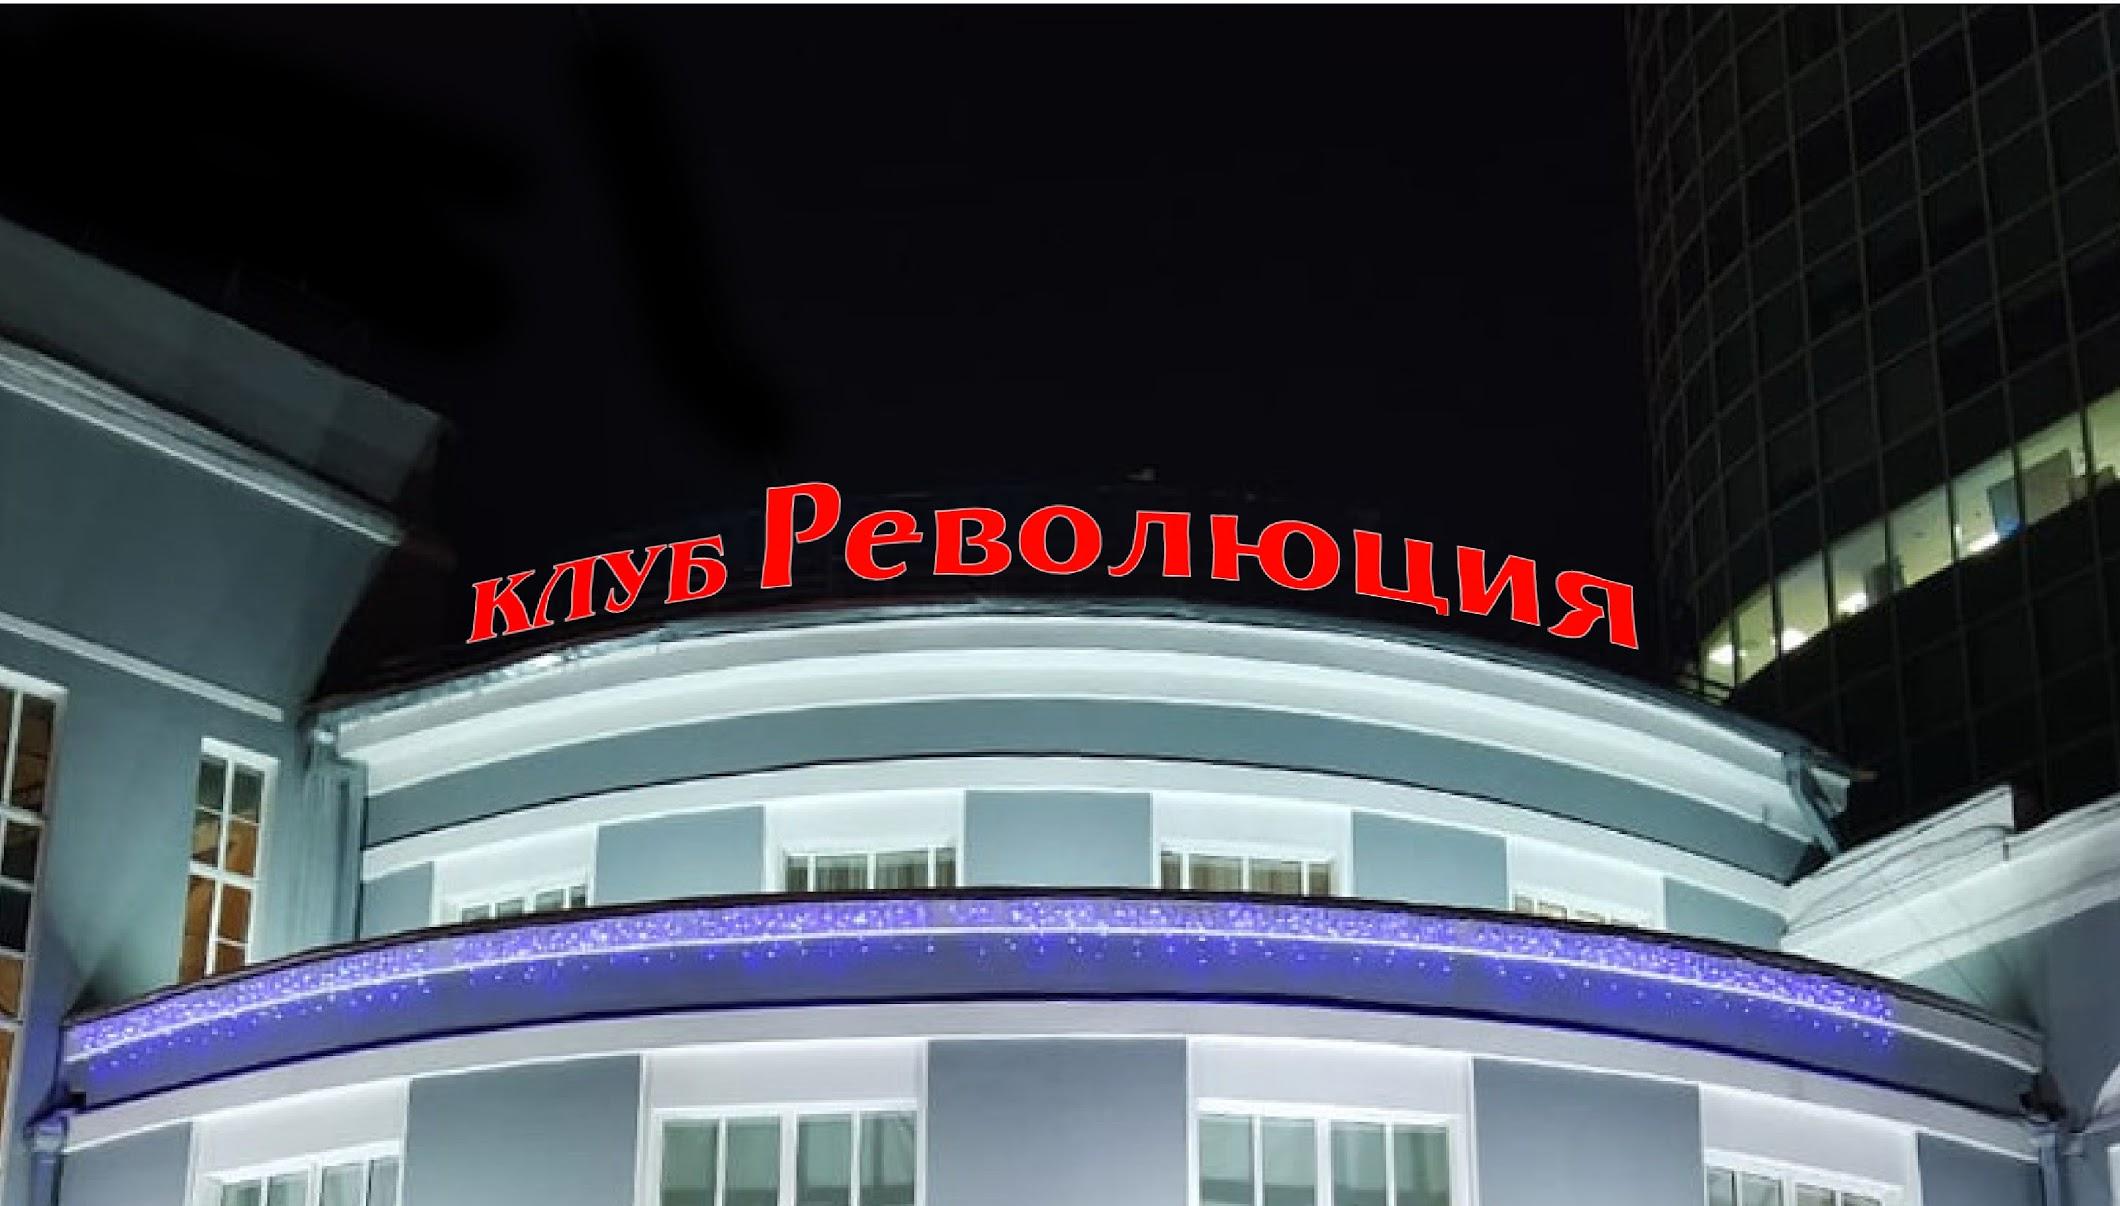 Клуб Революция ЦК им. Октябрьской революции